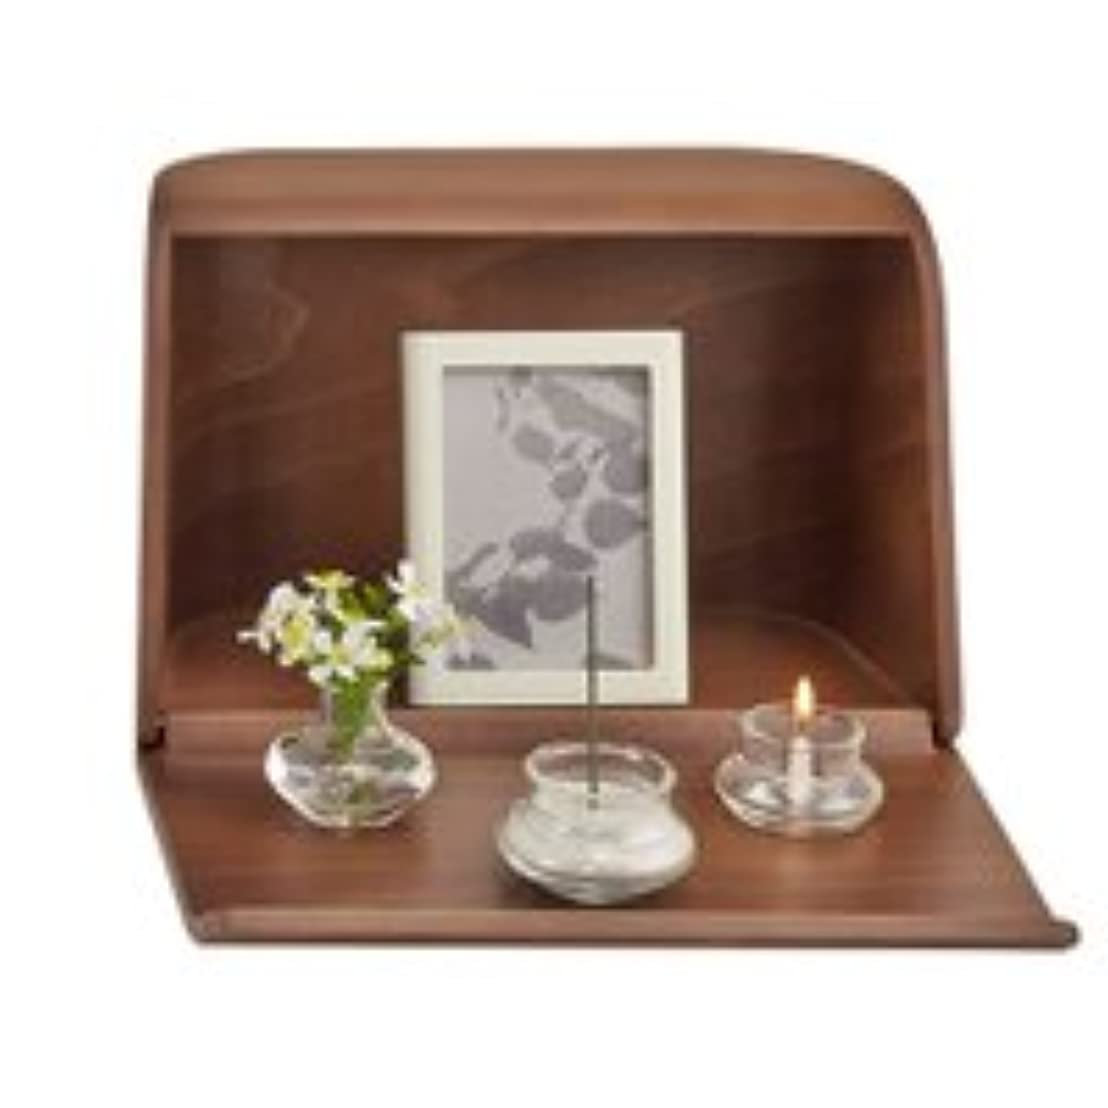 ファイバ公使館お金やさしい時間祈りの手箱ブラウン × 2個セット